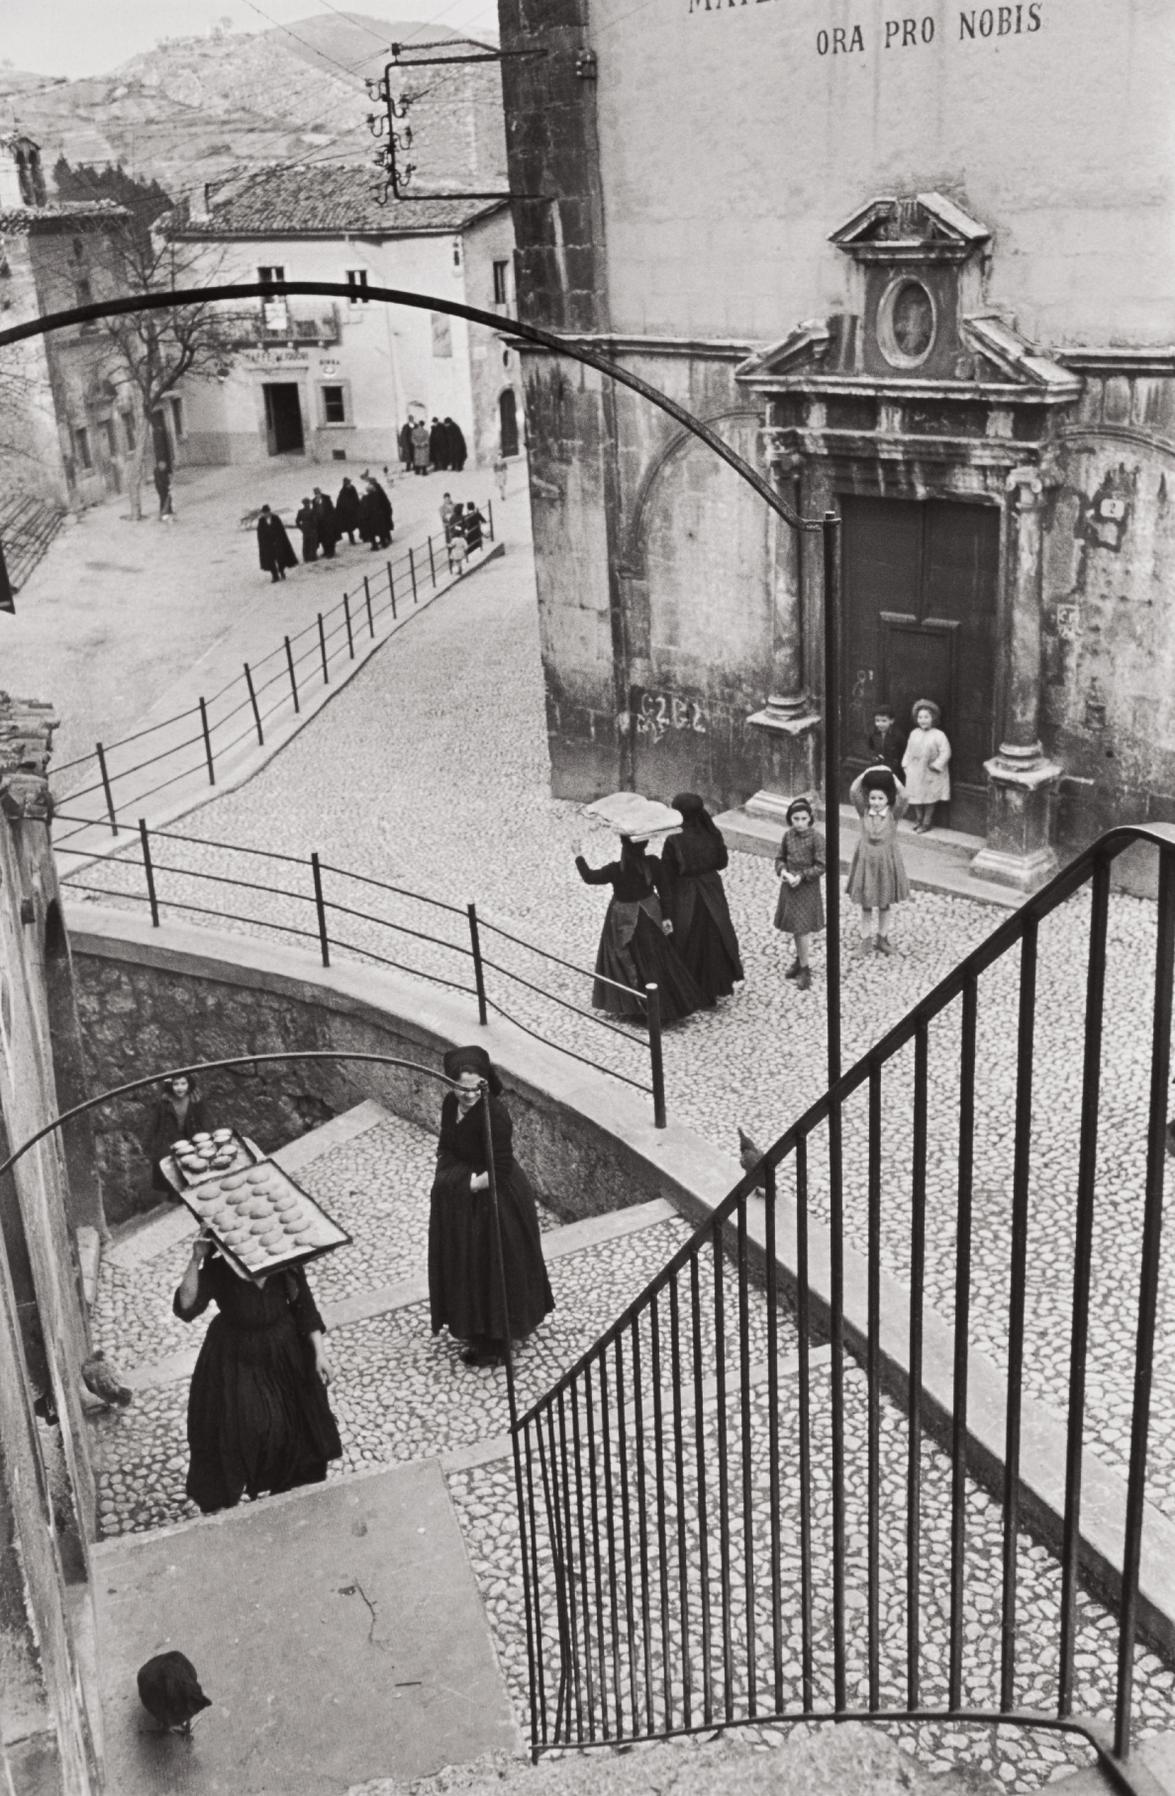 Henri Cartier-Bresson-Scanno, Laquila, Abruzzo, Italy-1951